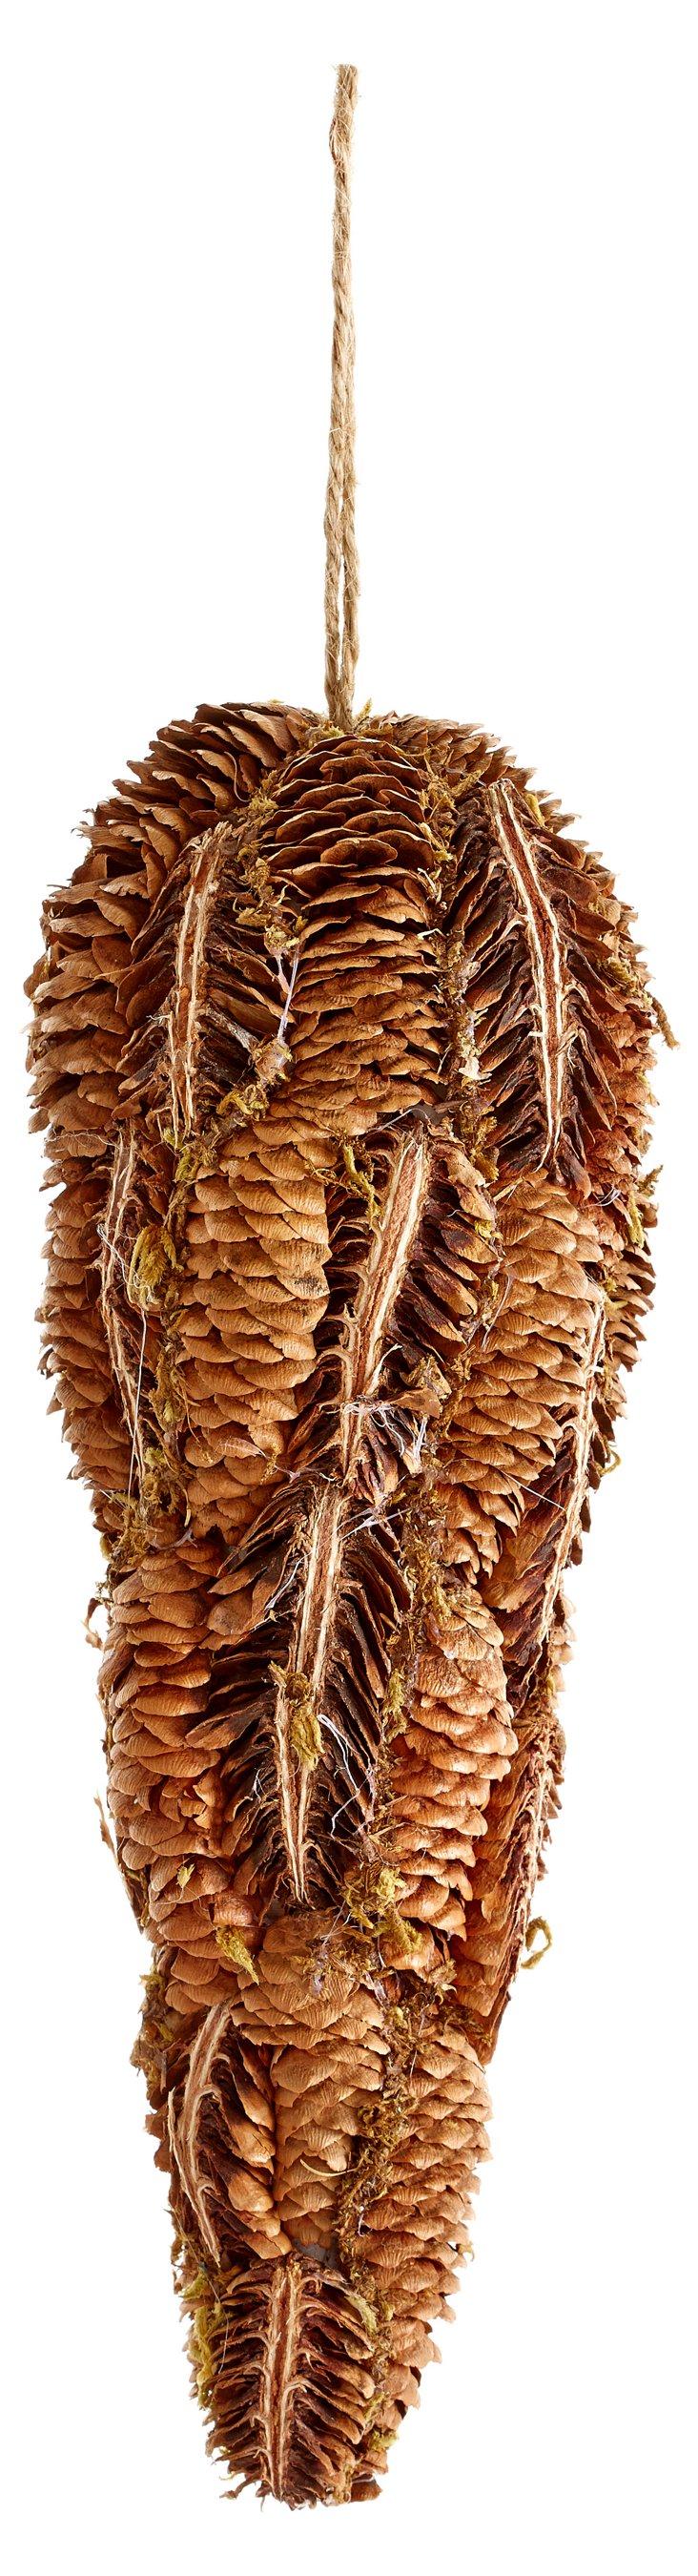 S/2 Large Pinecone & Lichen Ornaments